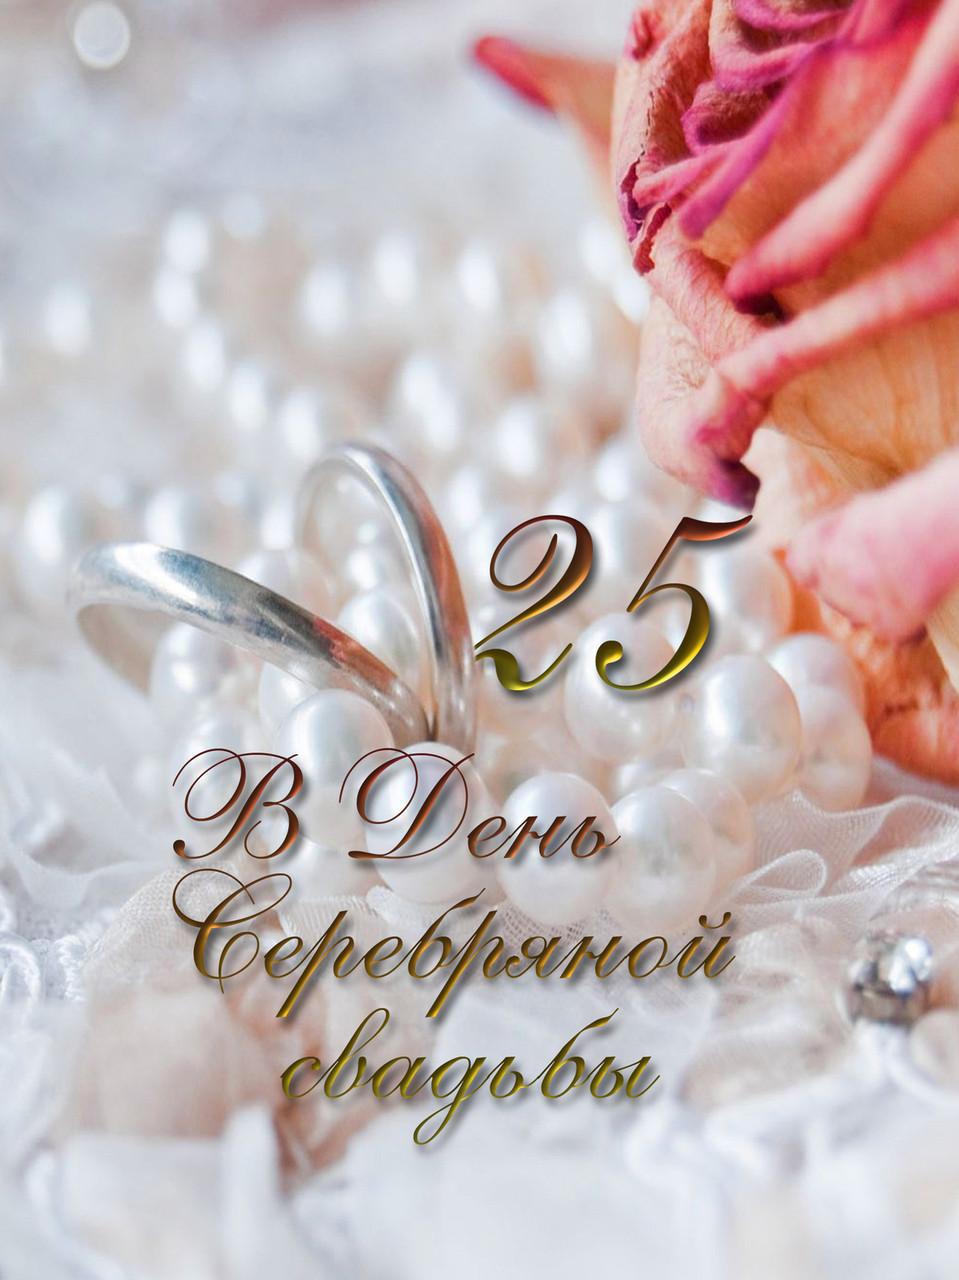 Серебряная свадьба поздравление своими словами